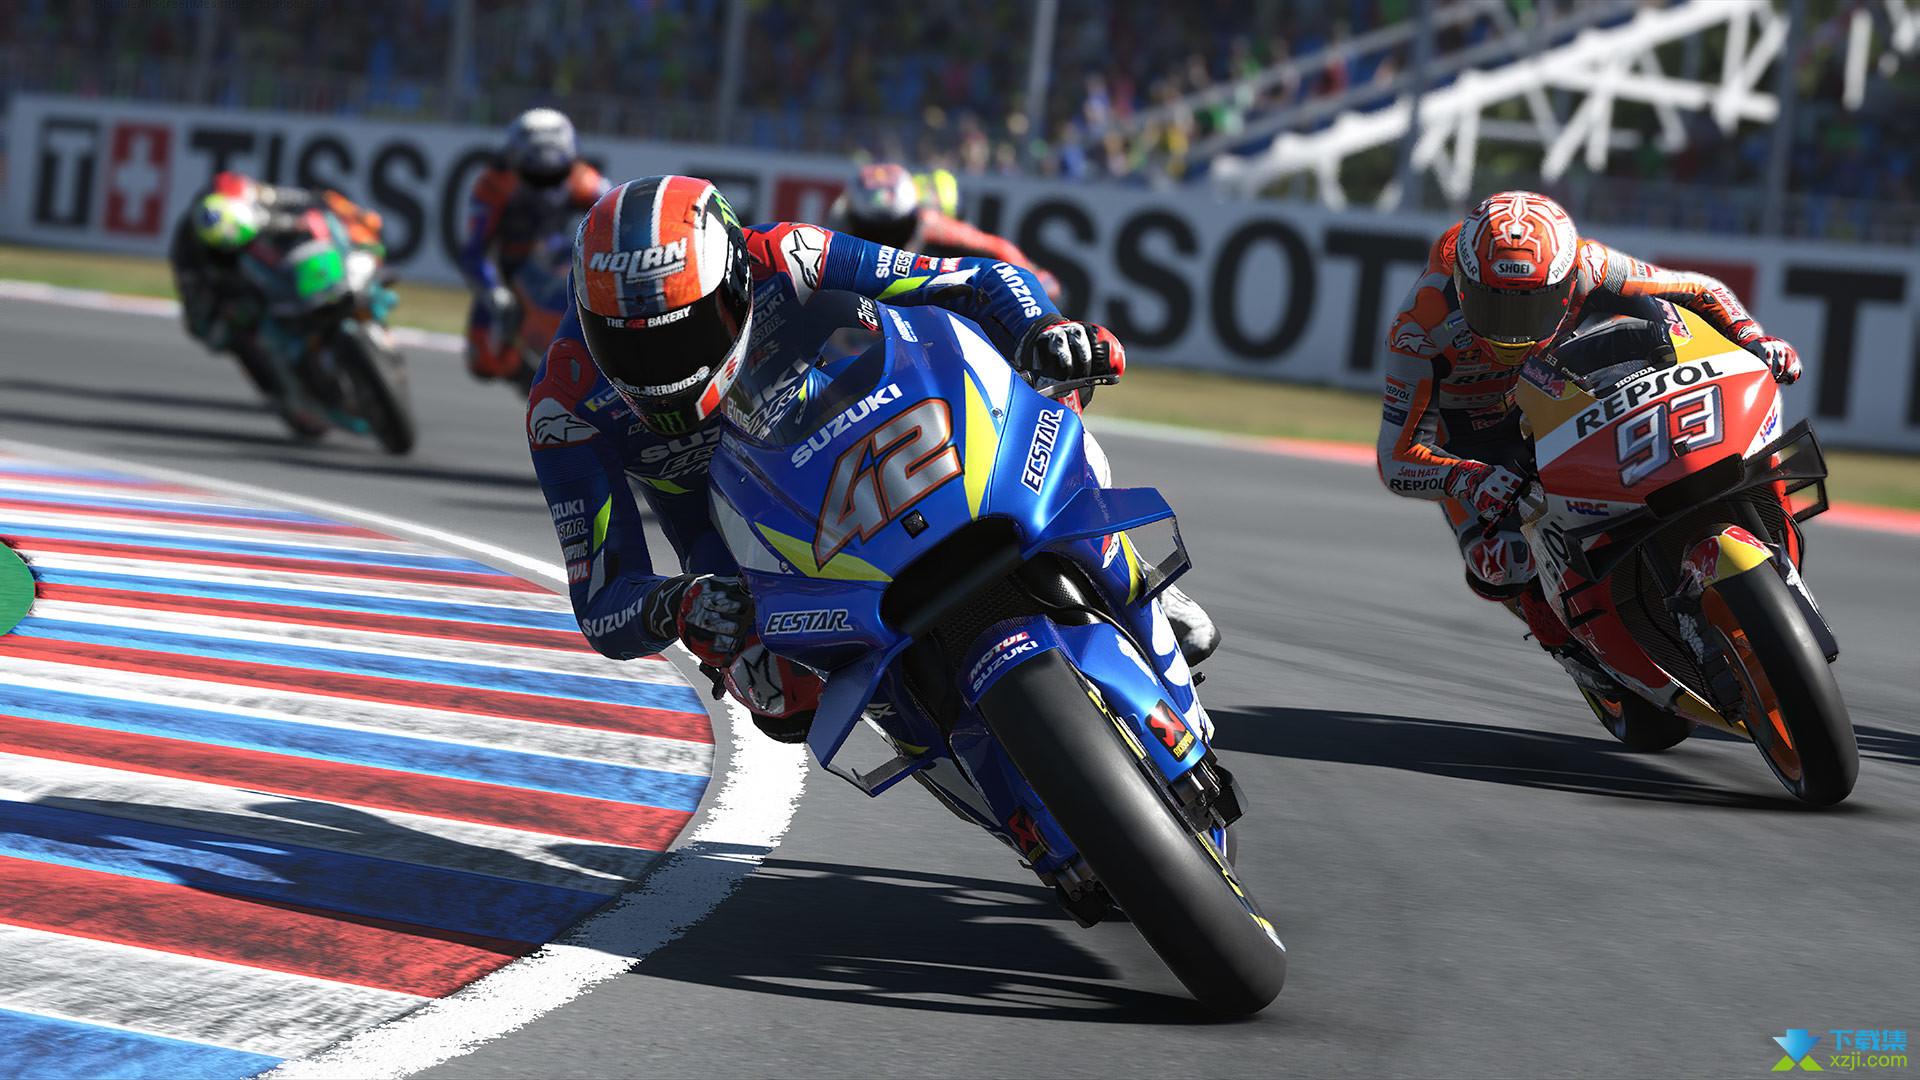 世界摩托大奖赛20界面2